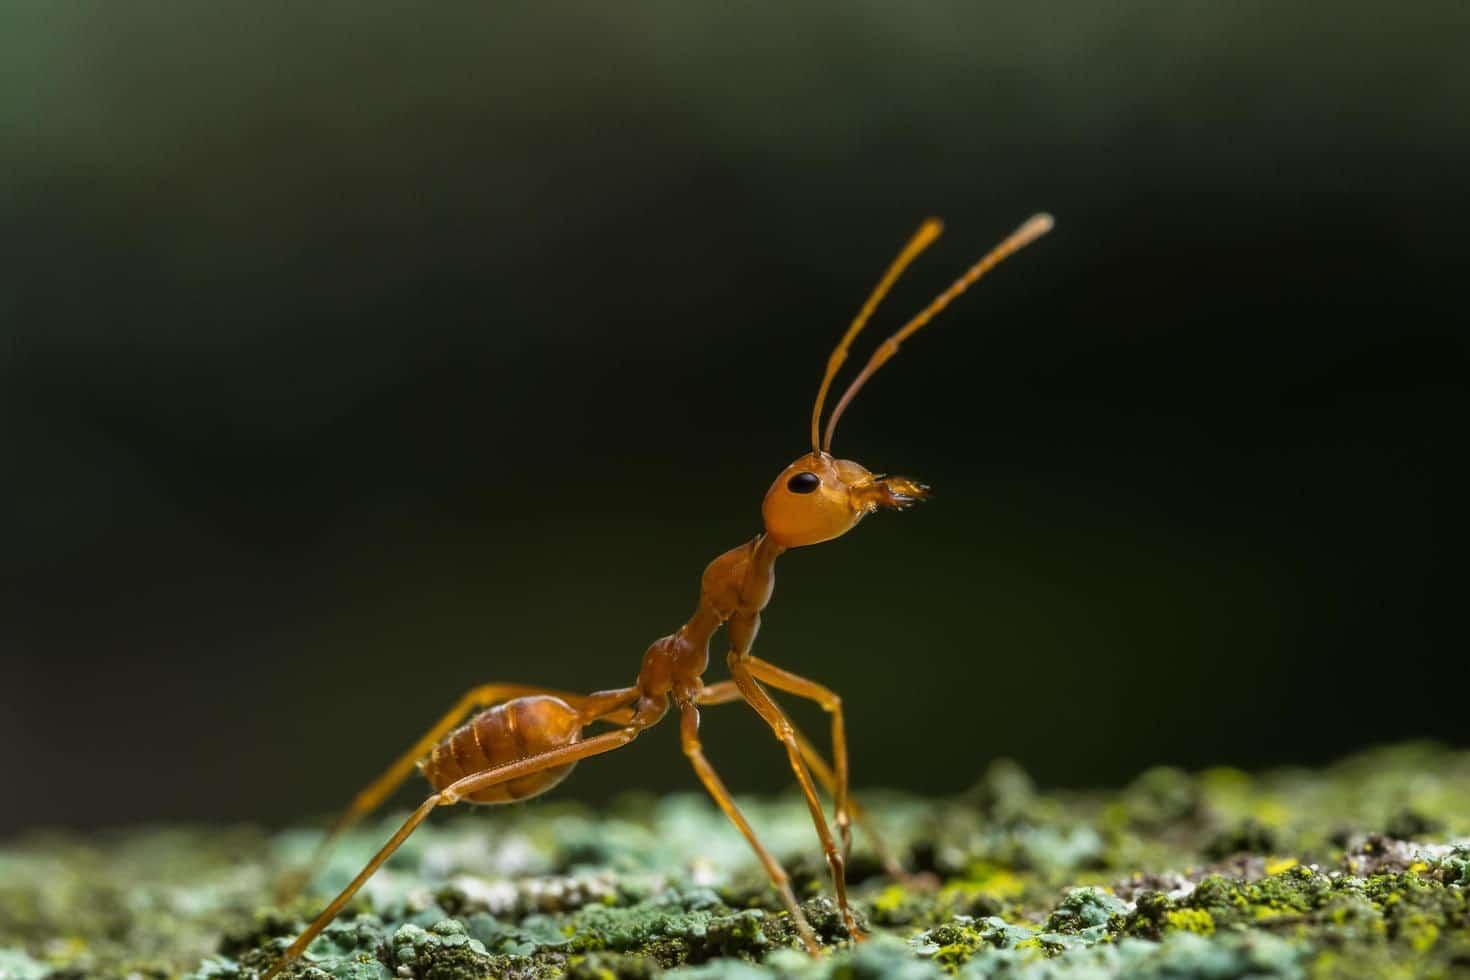 La piccola formica